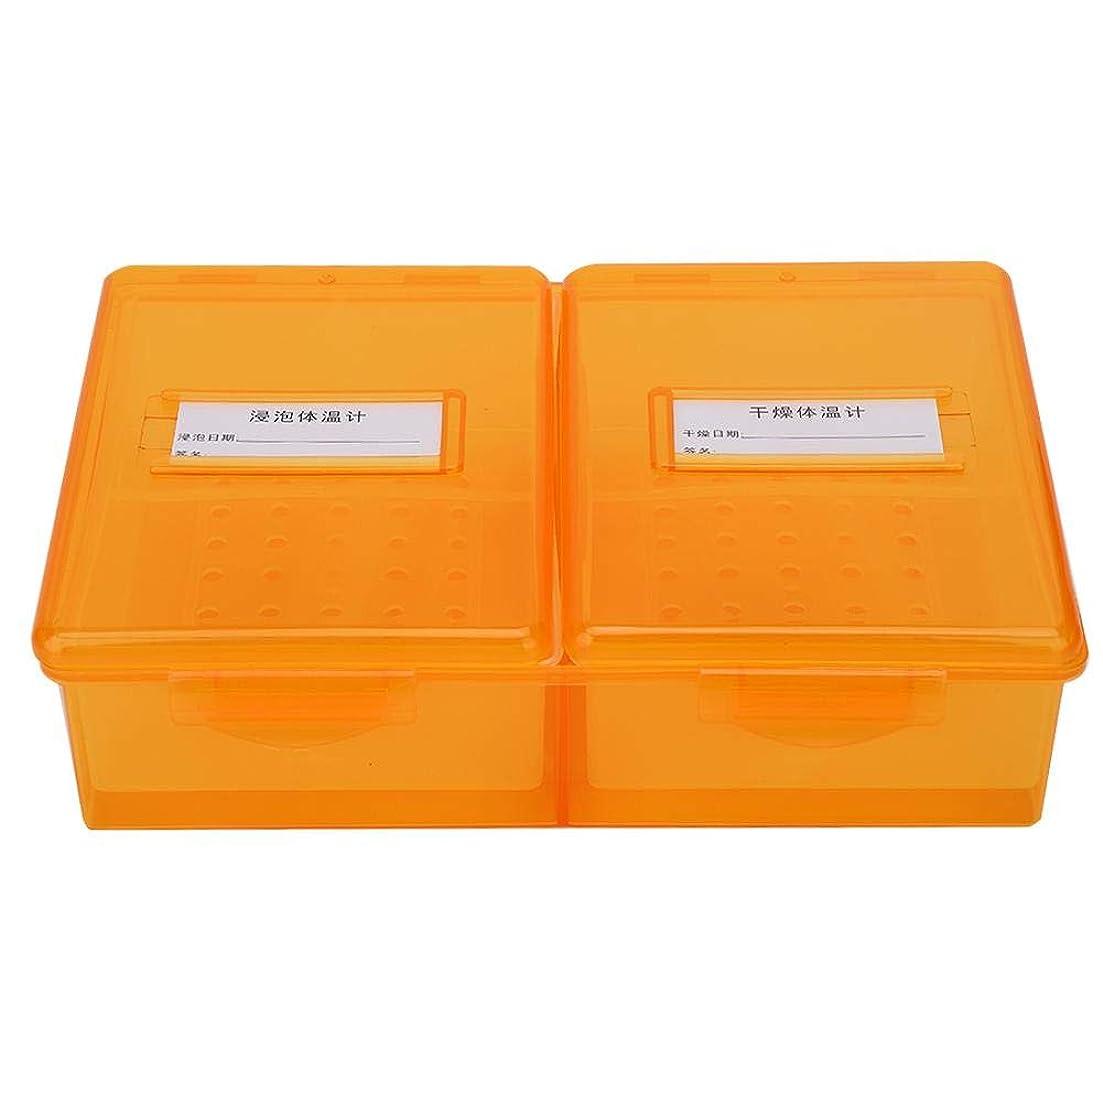 ラウズキャッシュ分散滅菌ケース、多機能ピンセットネイルツール滅菌ボックス(オレンジ)